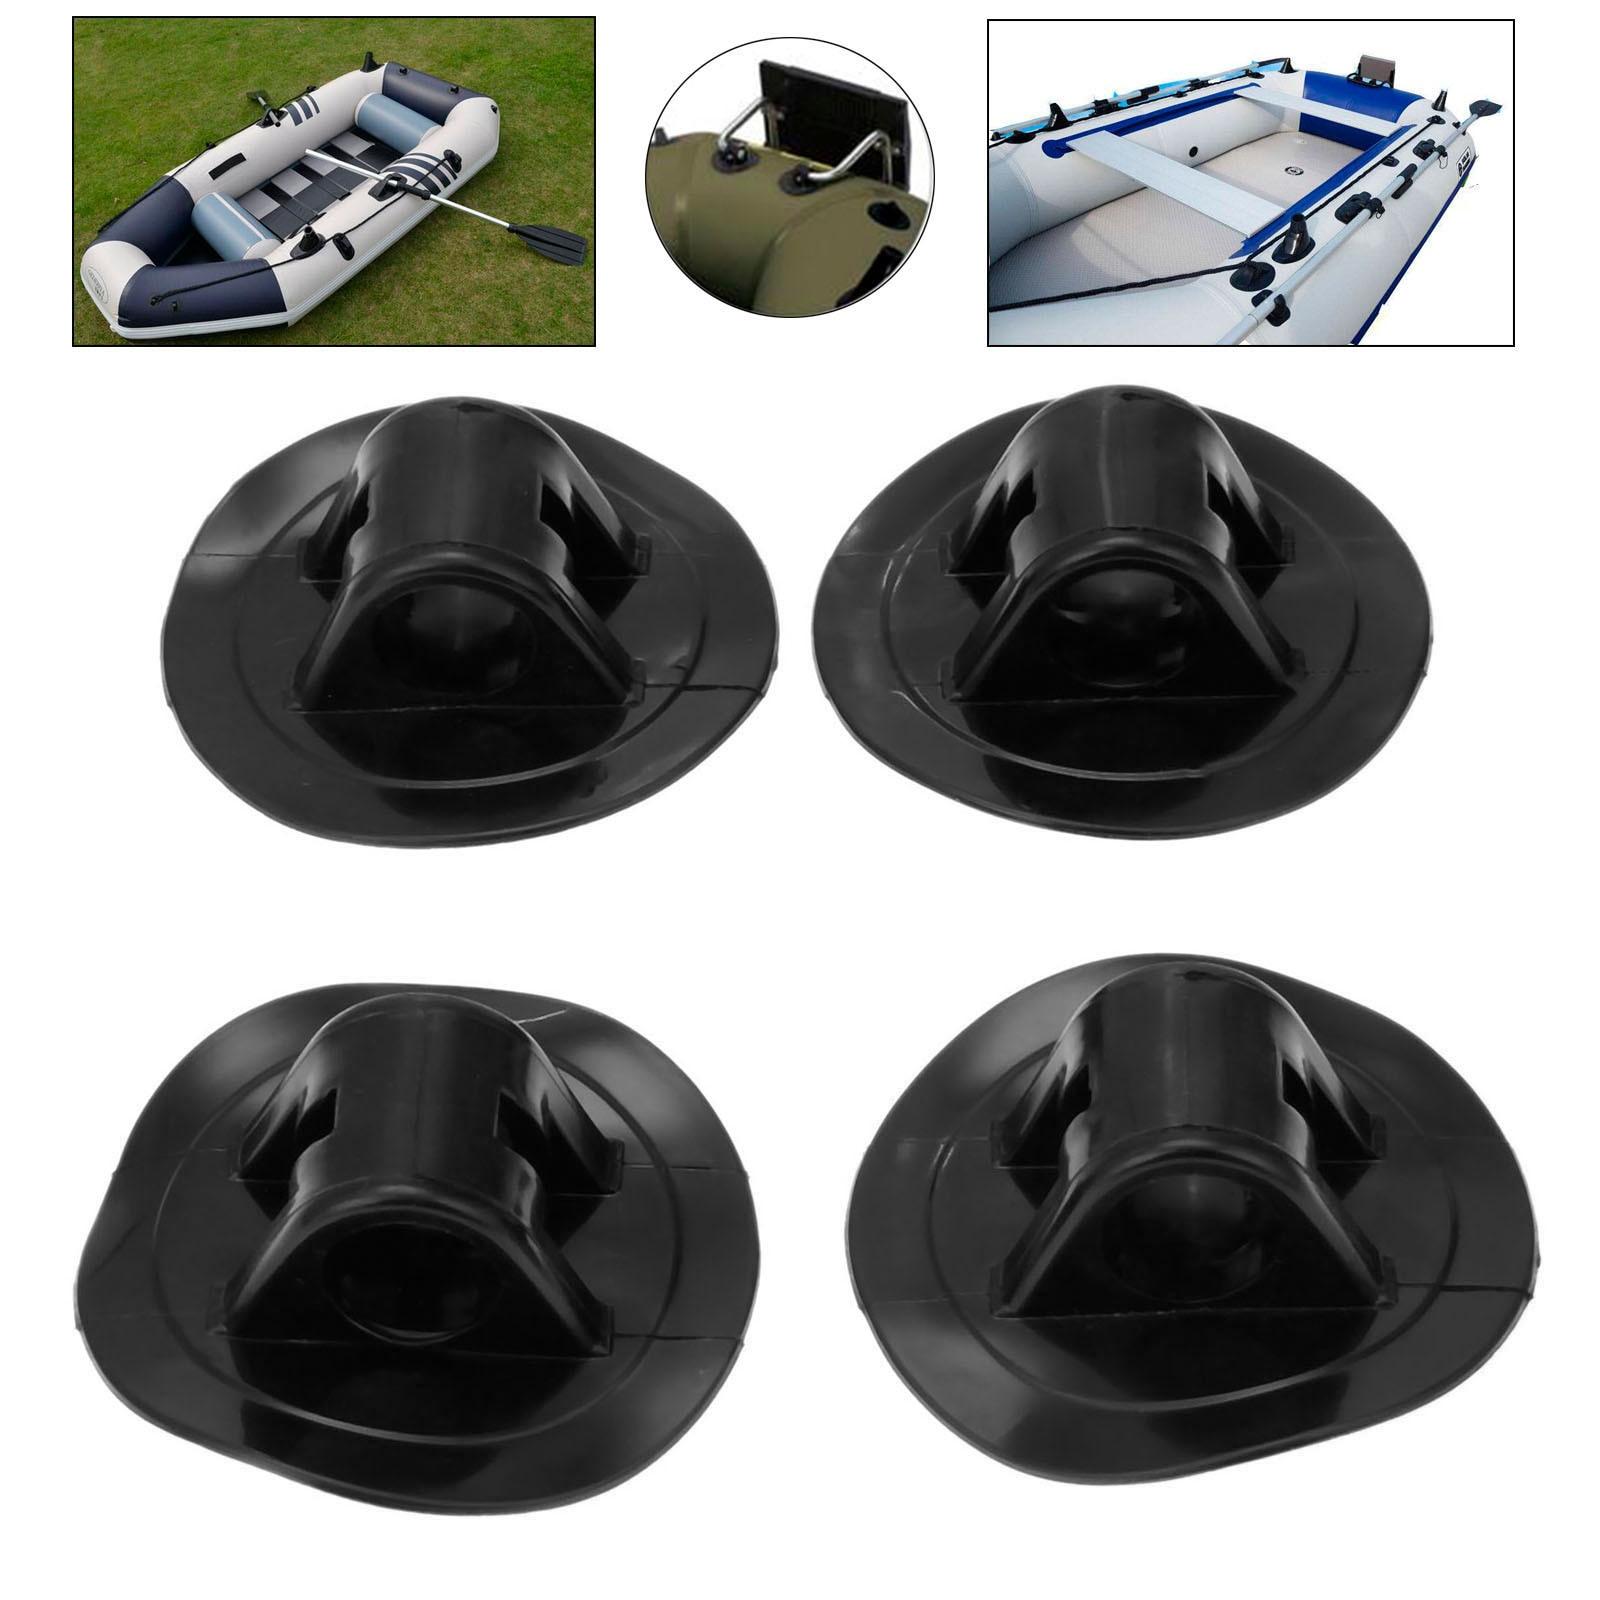 2pcs Inflatable Kayak Dia Engine Mount Boat Motor Stand Holder Grommet Fix Hook